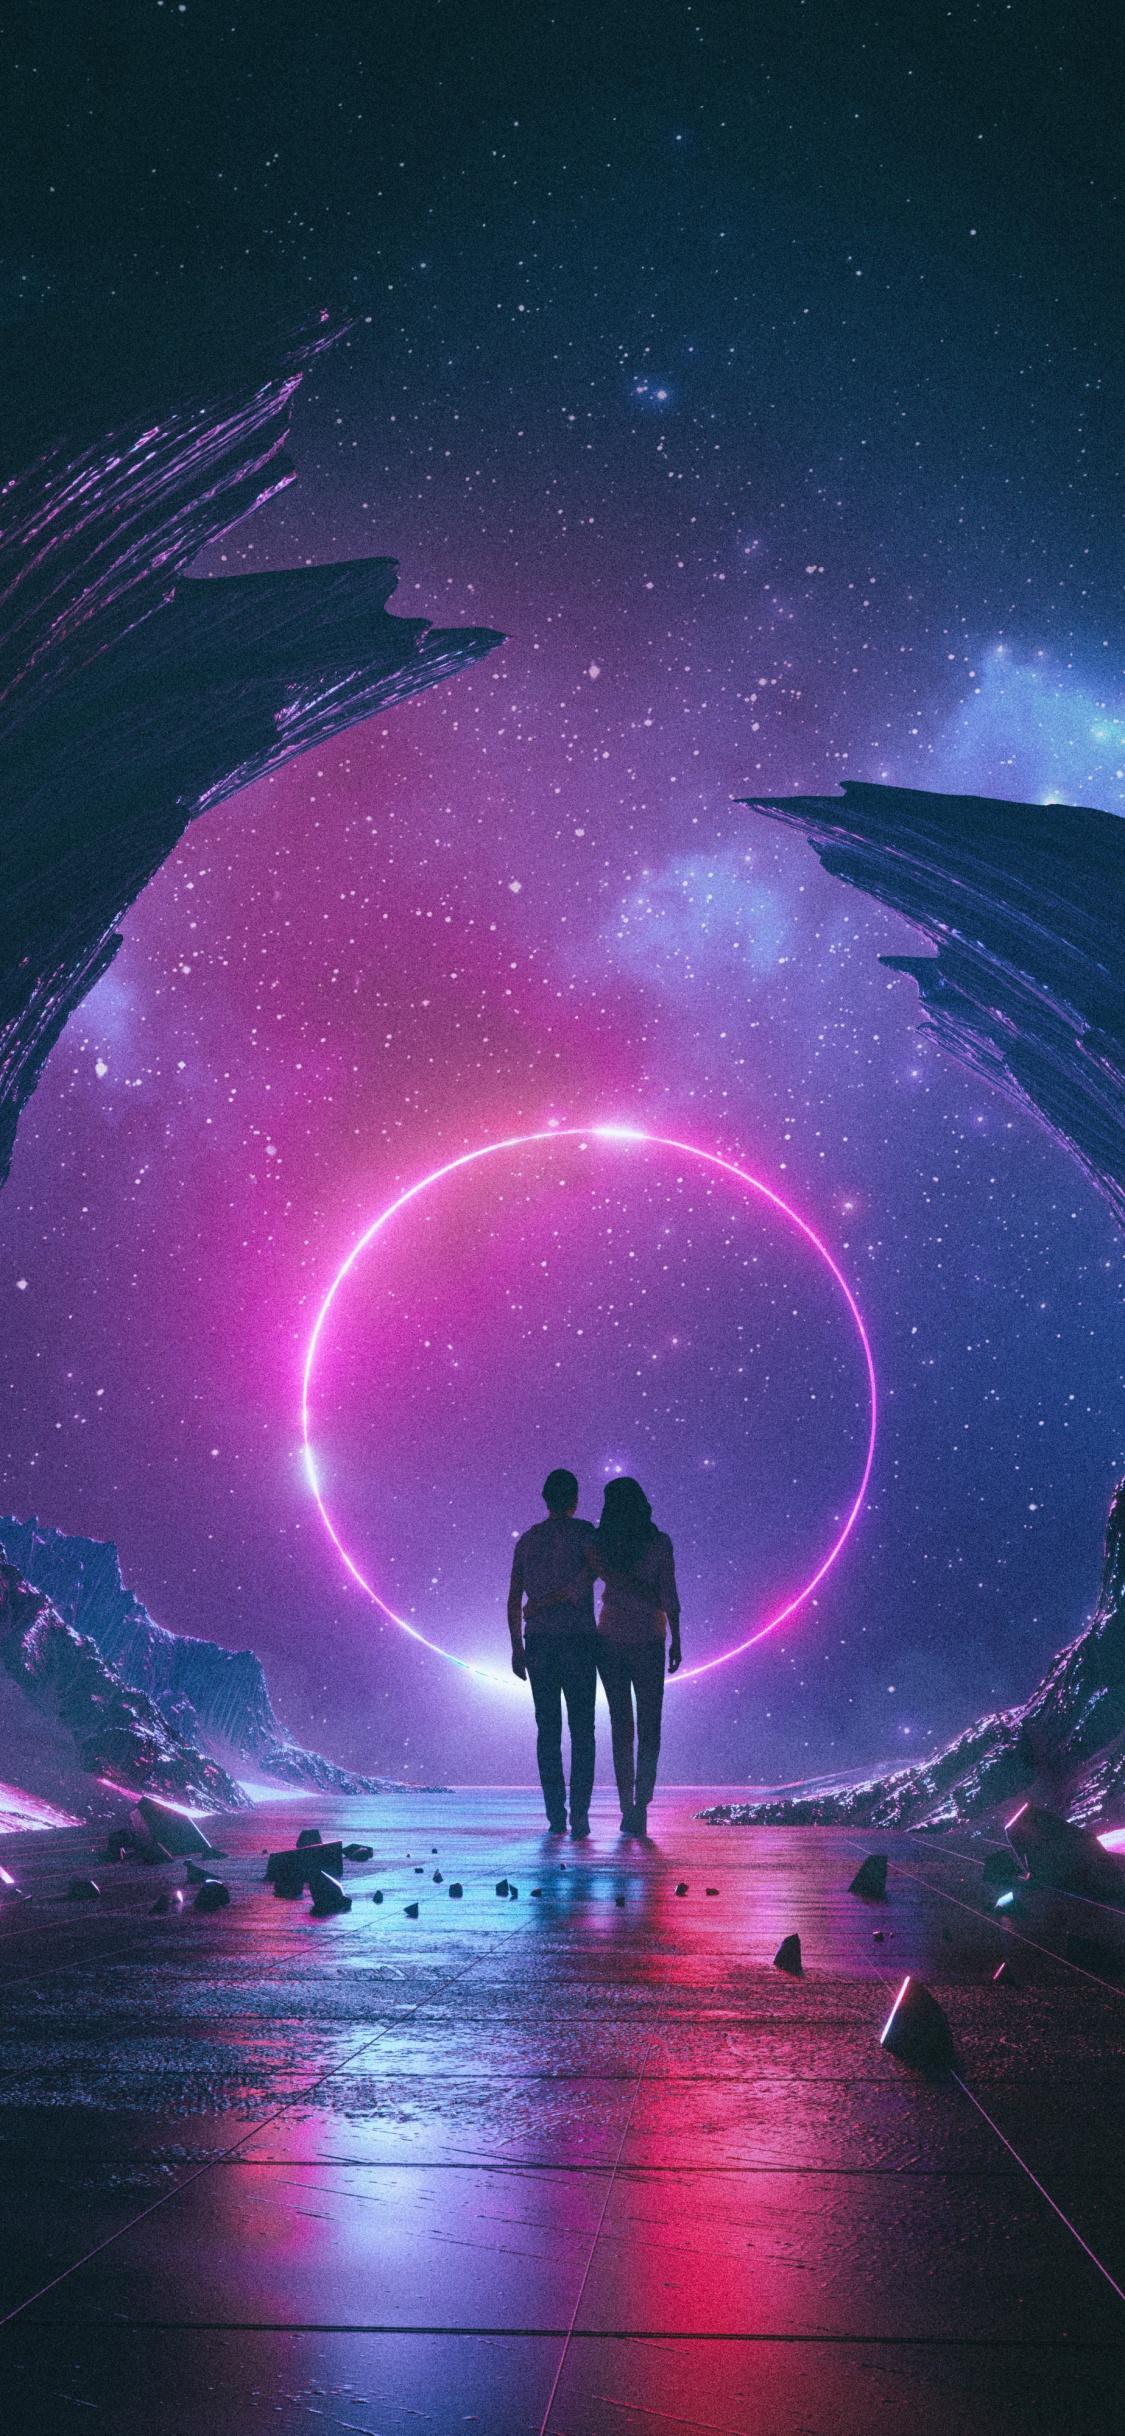 Couple 4K Wallpaper, Dream, Neon, Starry sky, Rocks ...